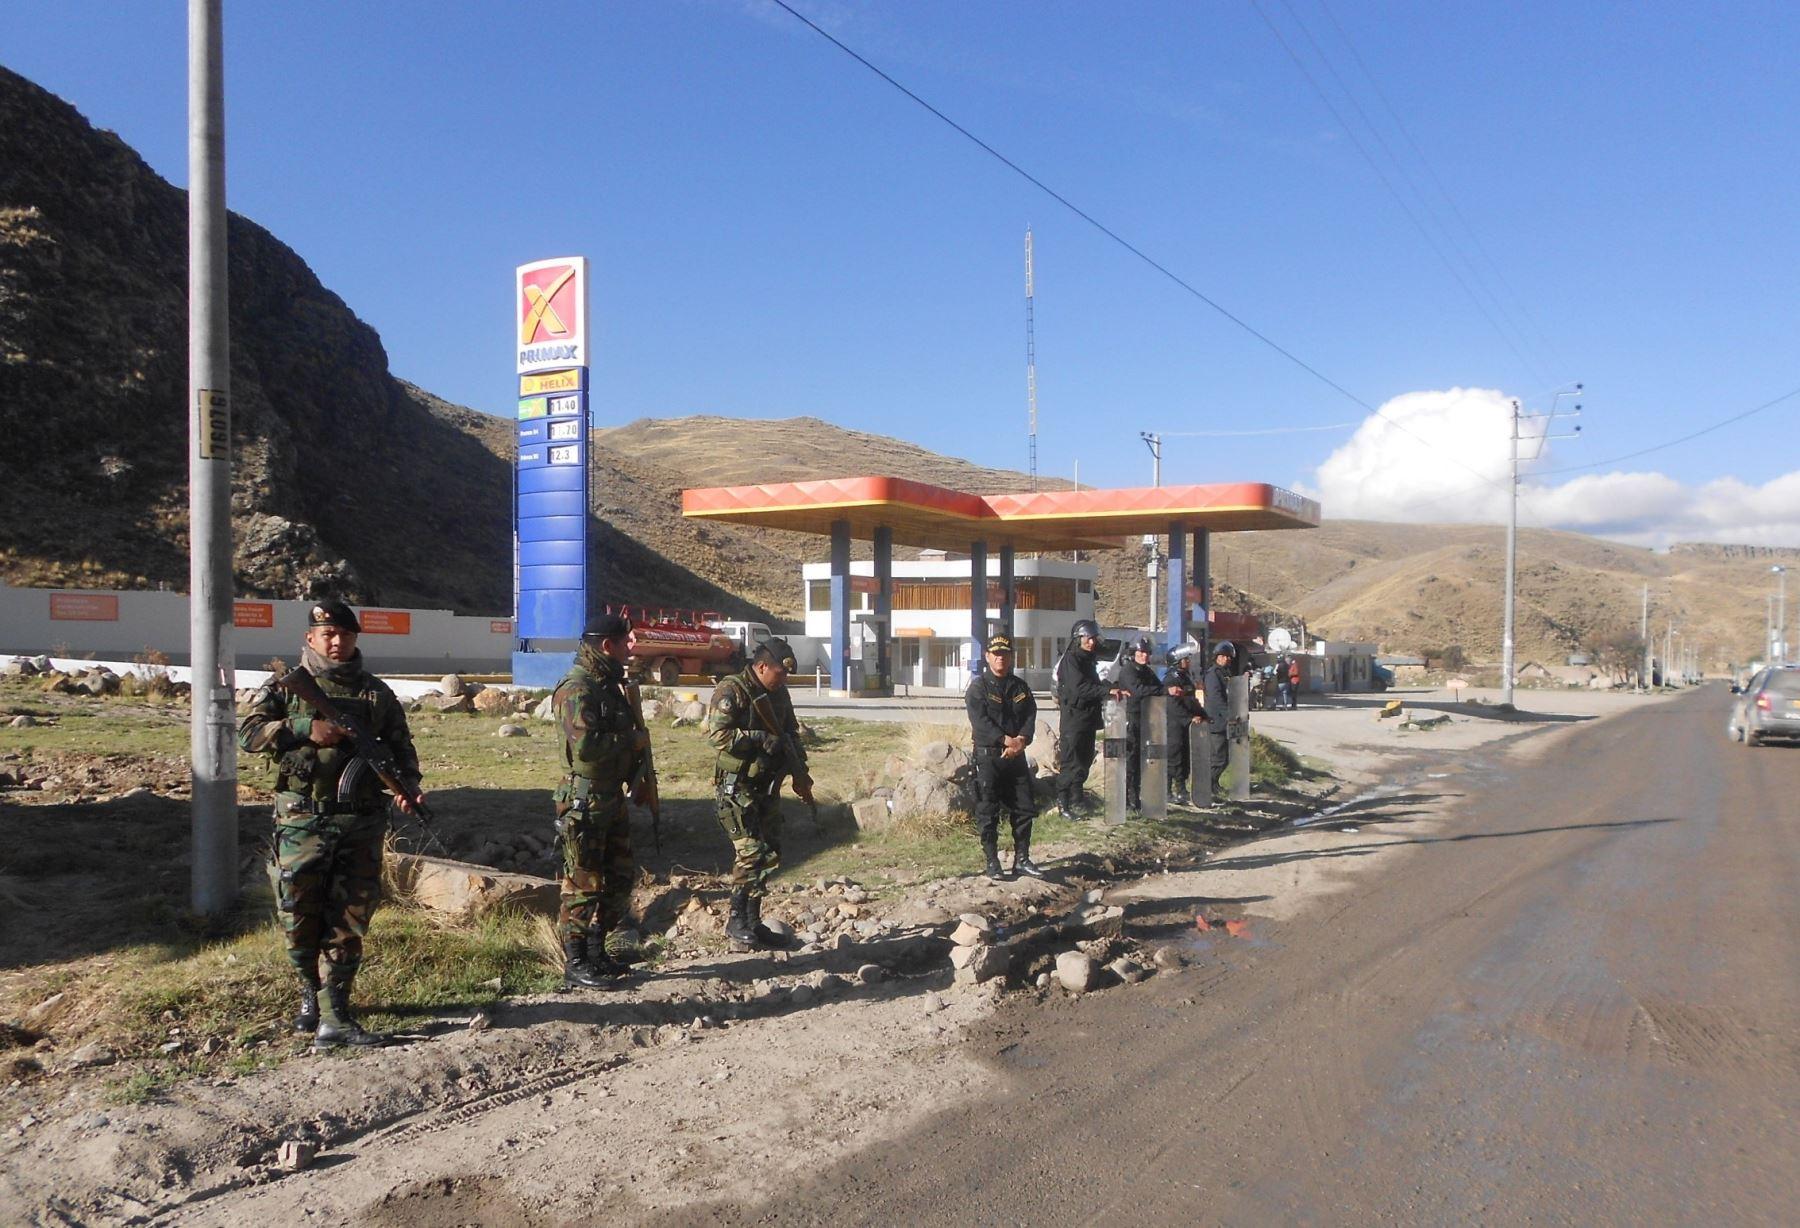 Prórroga del Estado de emergencia en parte del corredor vial Apurímac-Cusco-Arequipa comprende el distrito de Colquemarca, provincia cusqueña de Chumbivilcas. ANDINA/Archivo